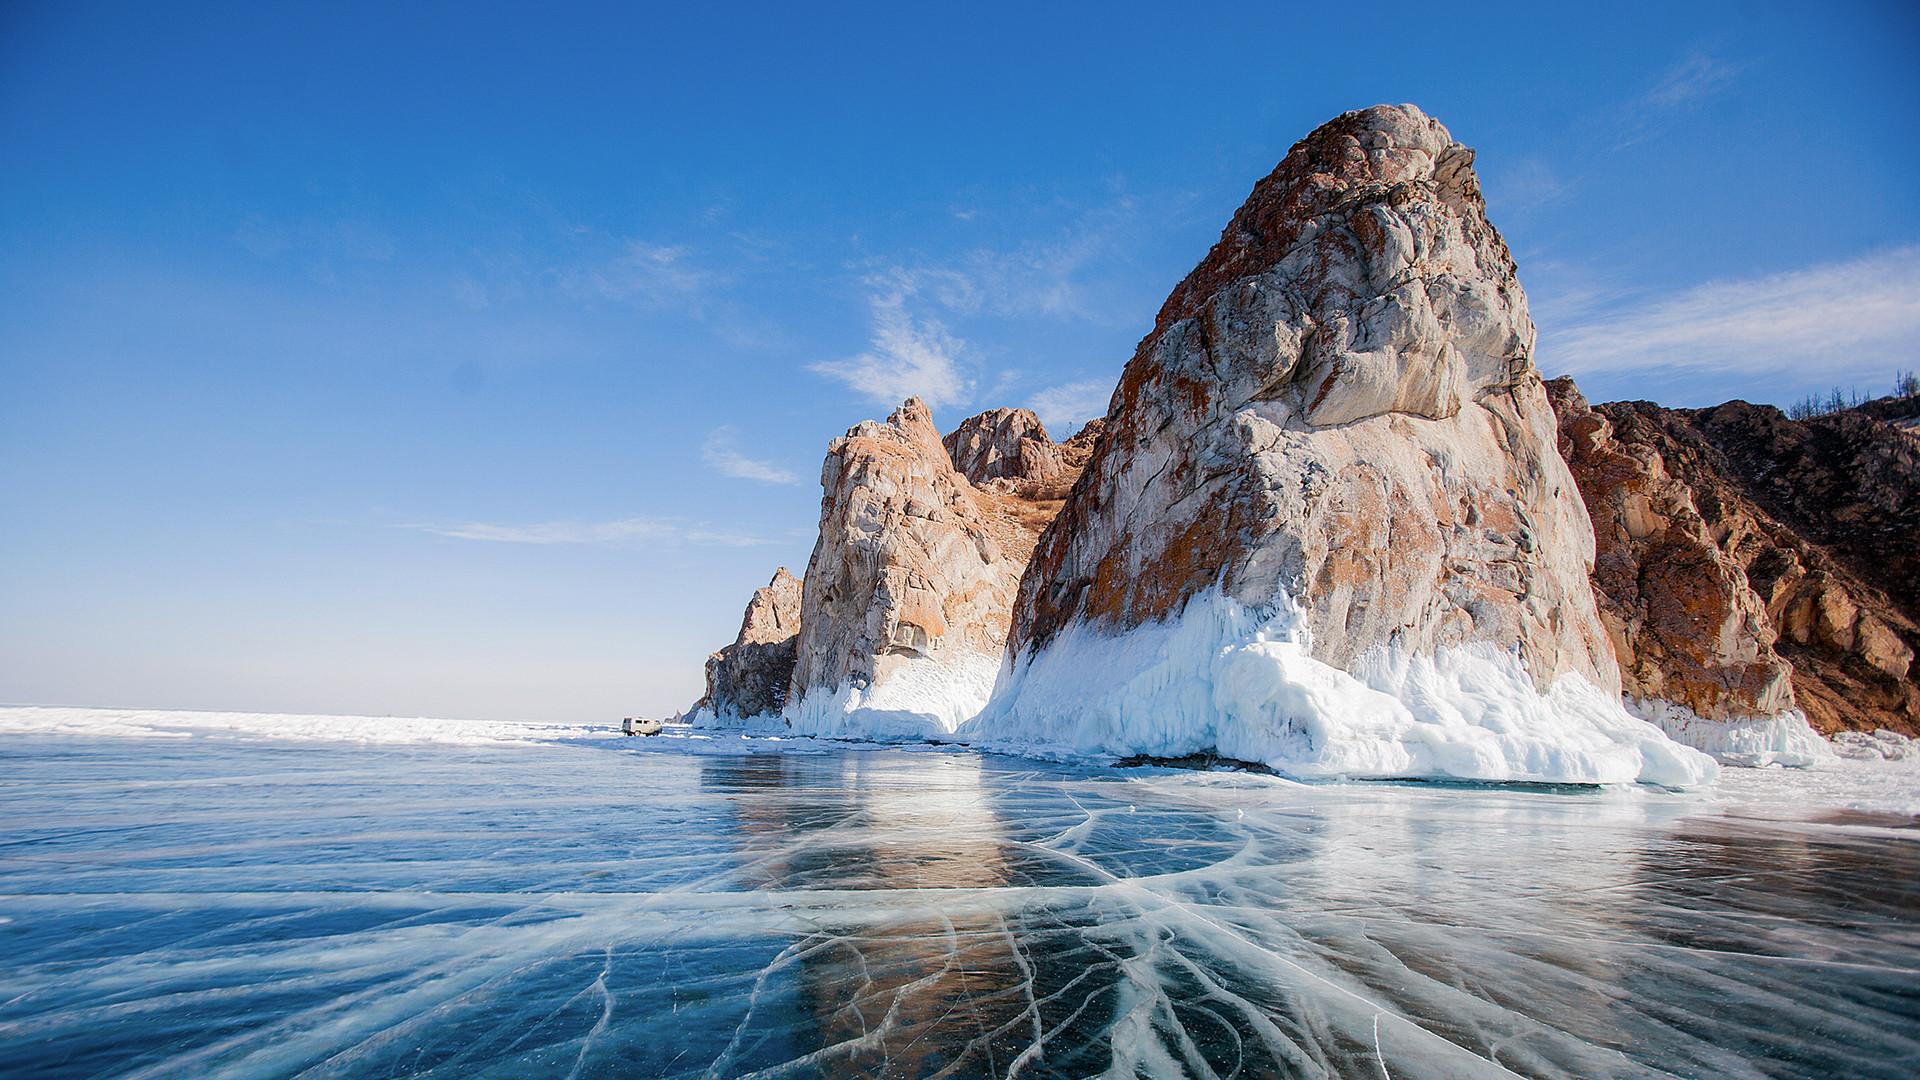 Самые красивые льды - на Байкале, согласны?